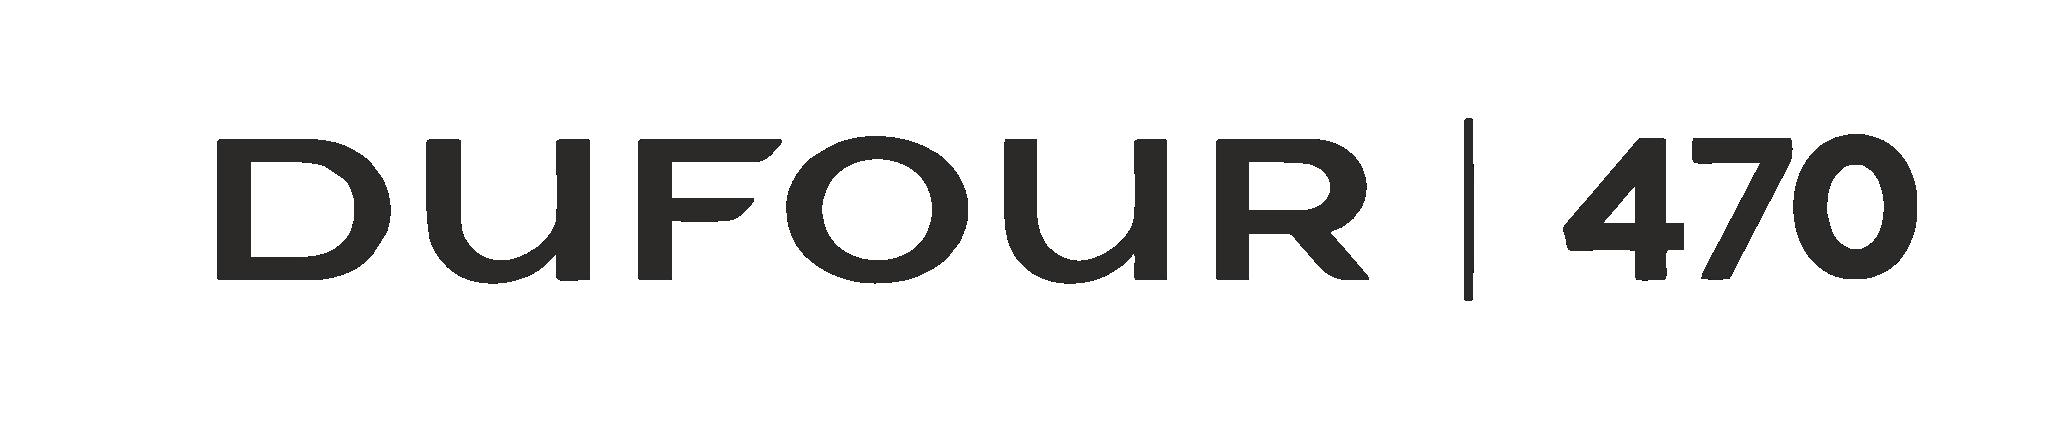 Dufour 470 logo